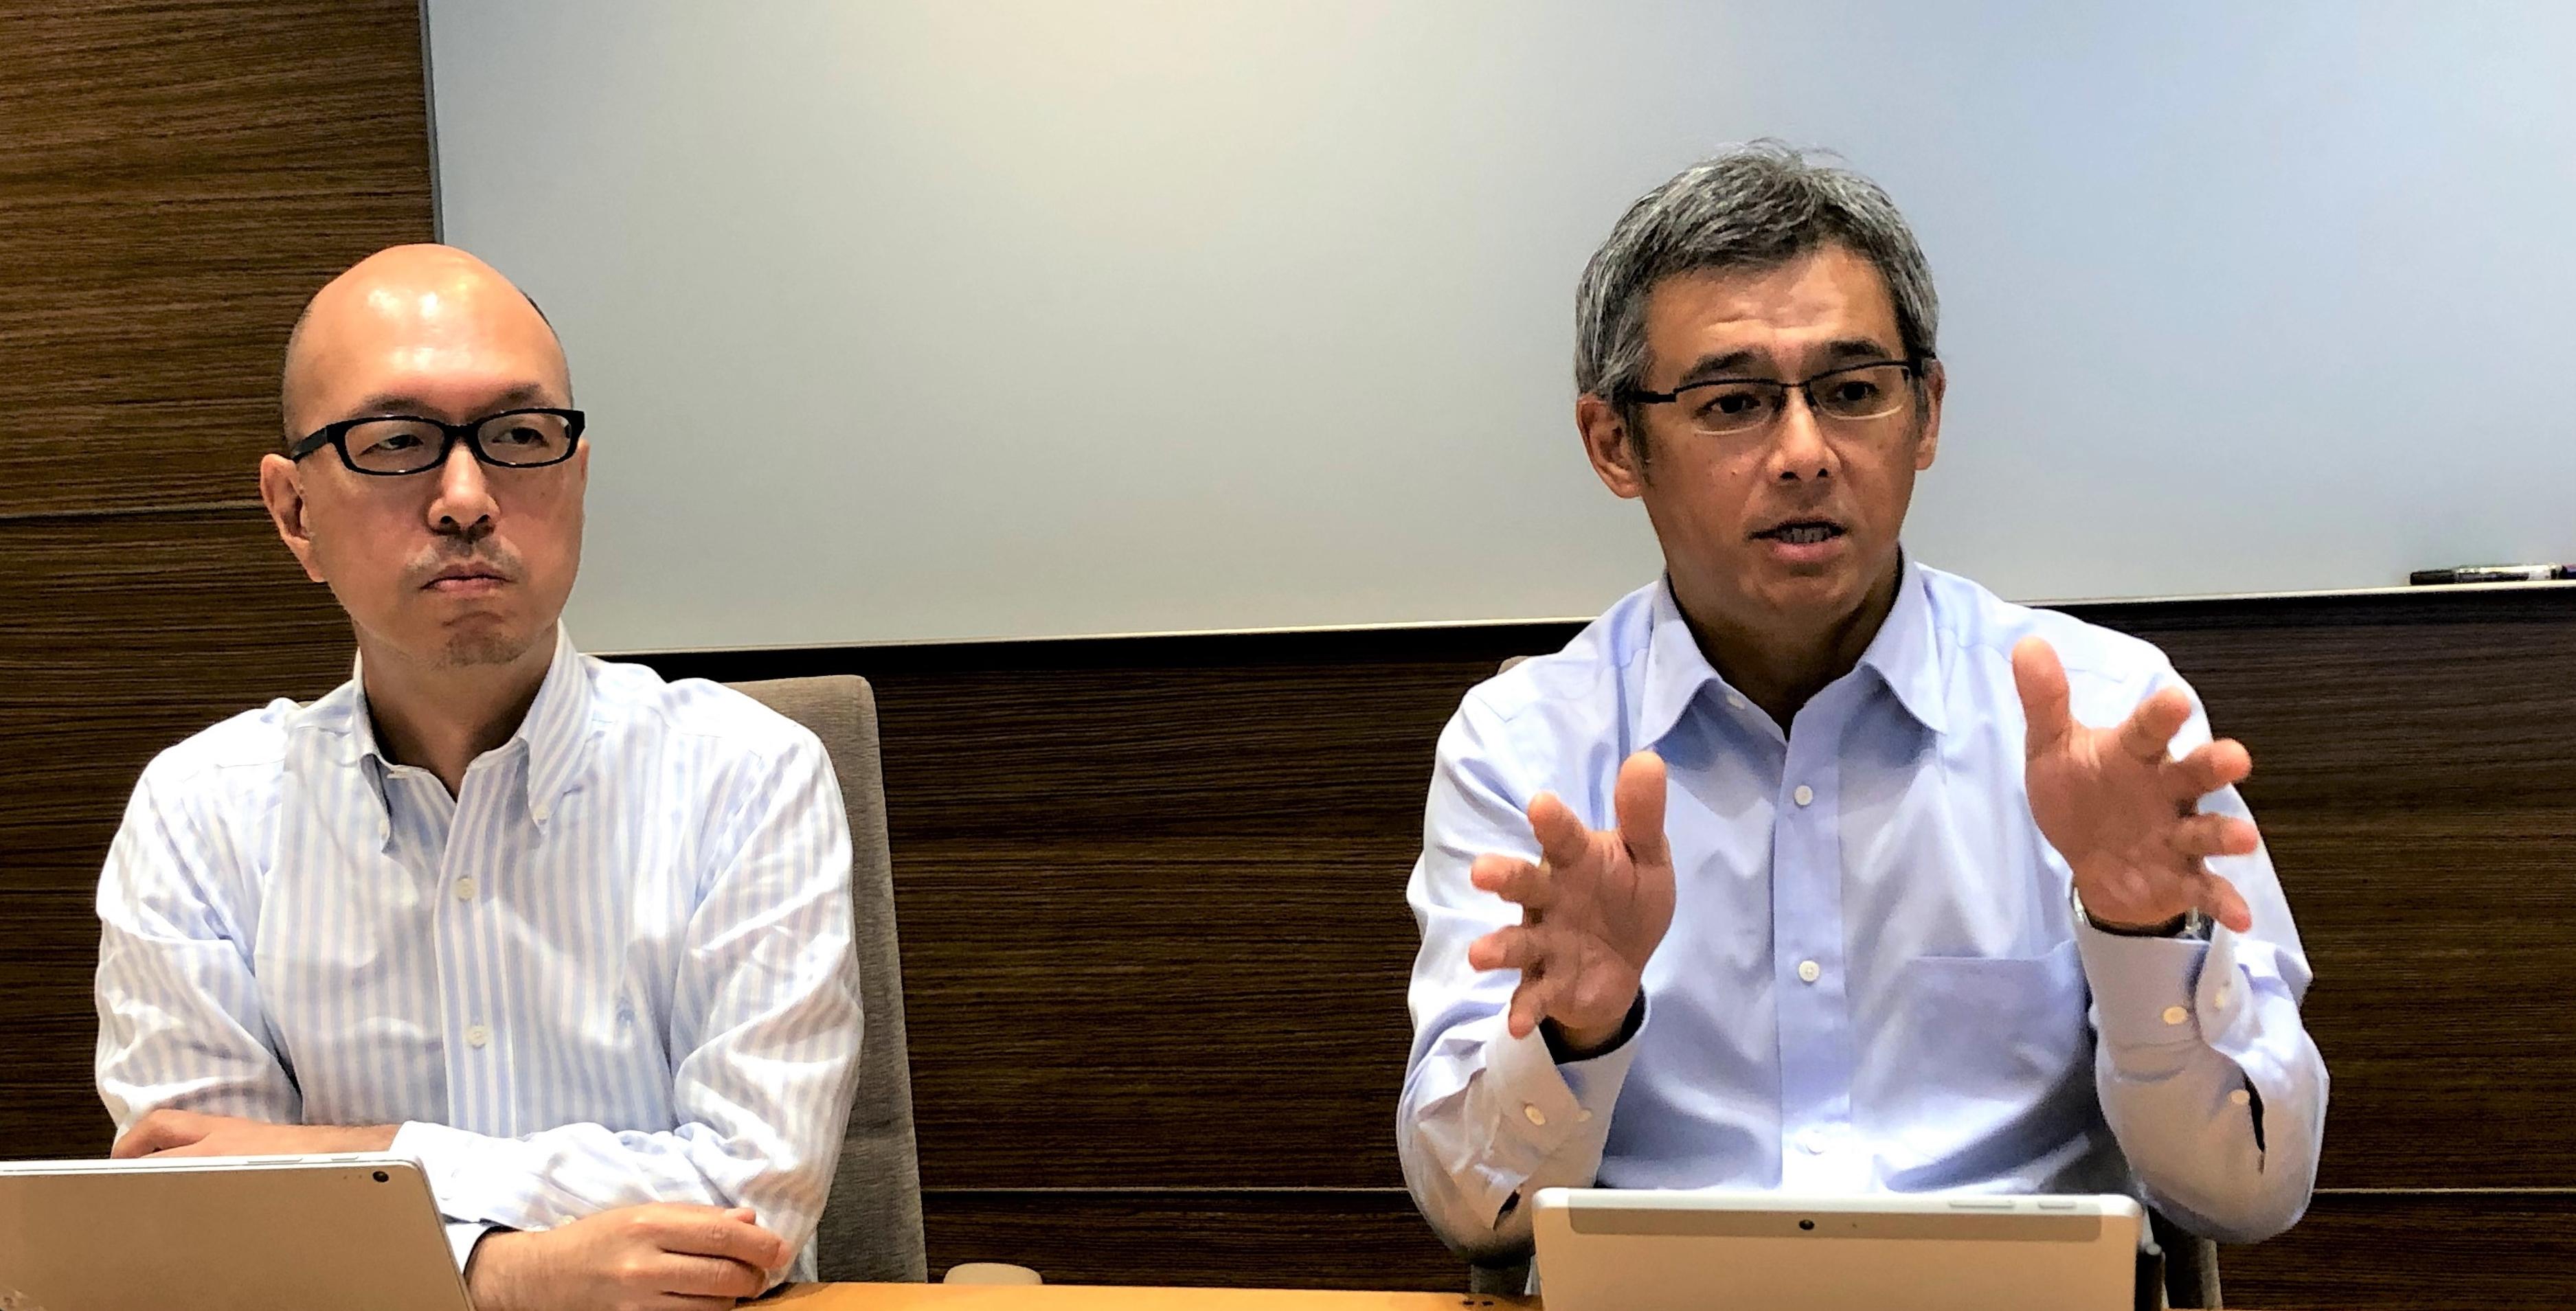 特別インタビュー:日本マイクロソフトが語る「サポート」とは【後編】